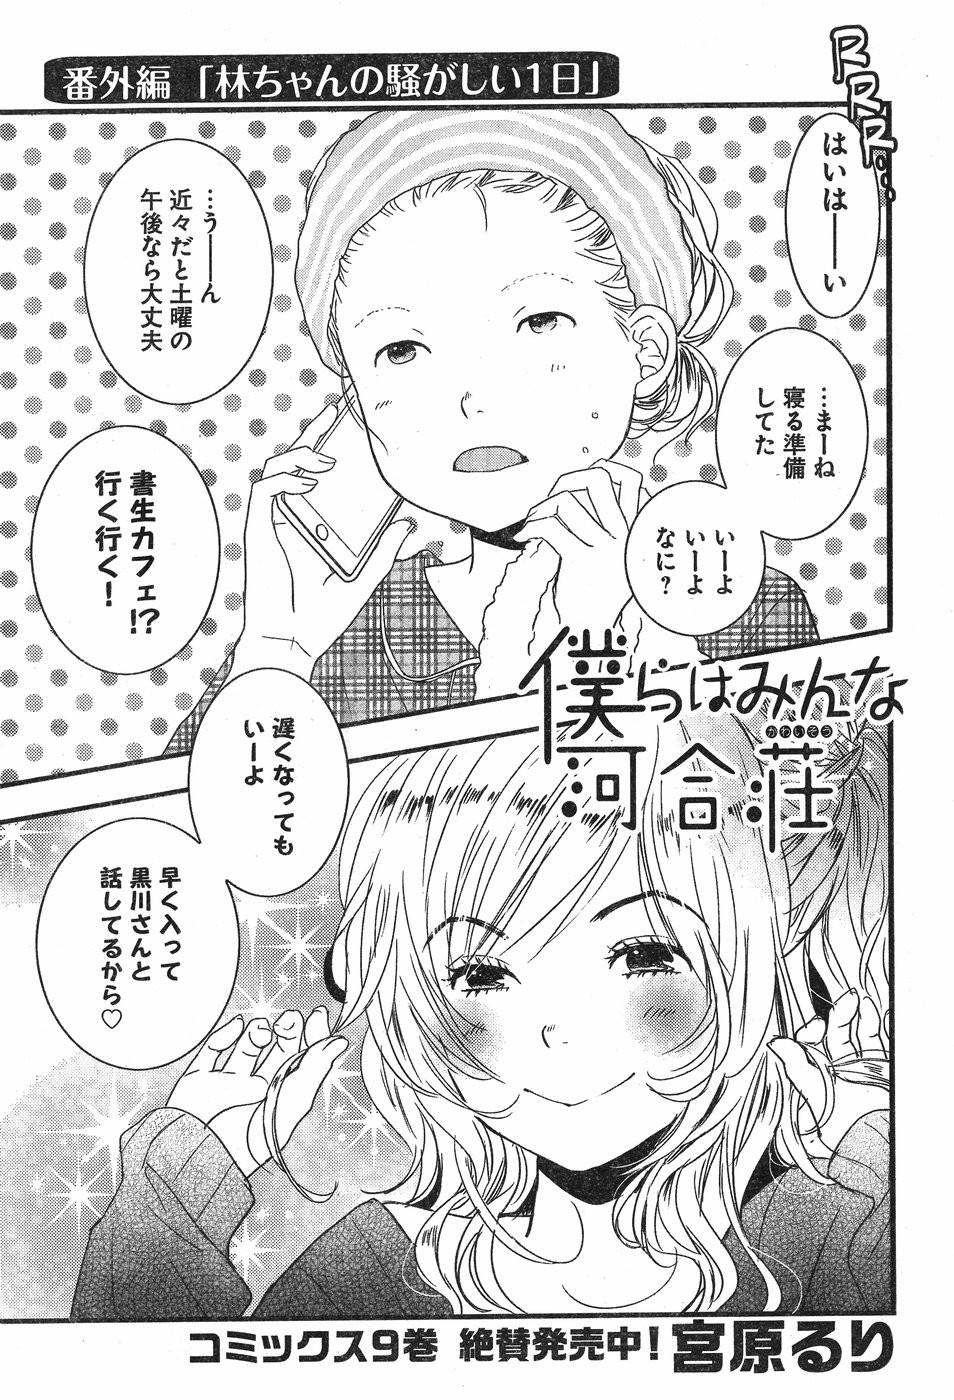 Bokura-wa-Minna-Kawaisou Chapter 84 Page 1